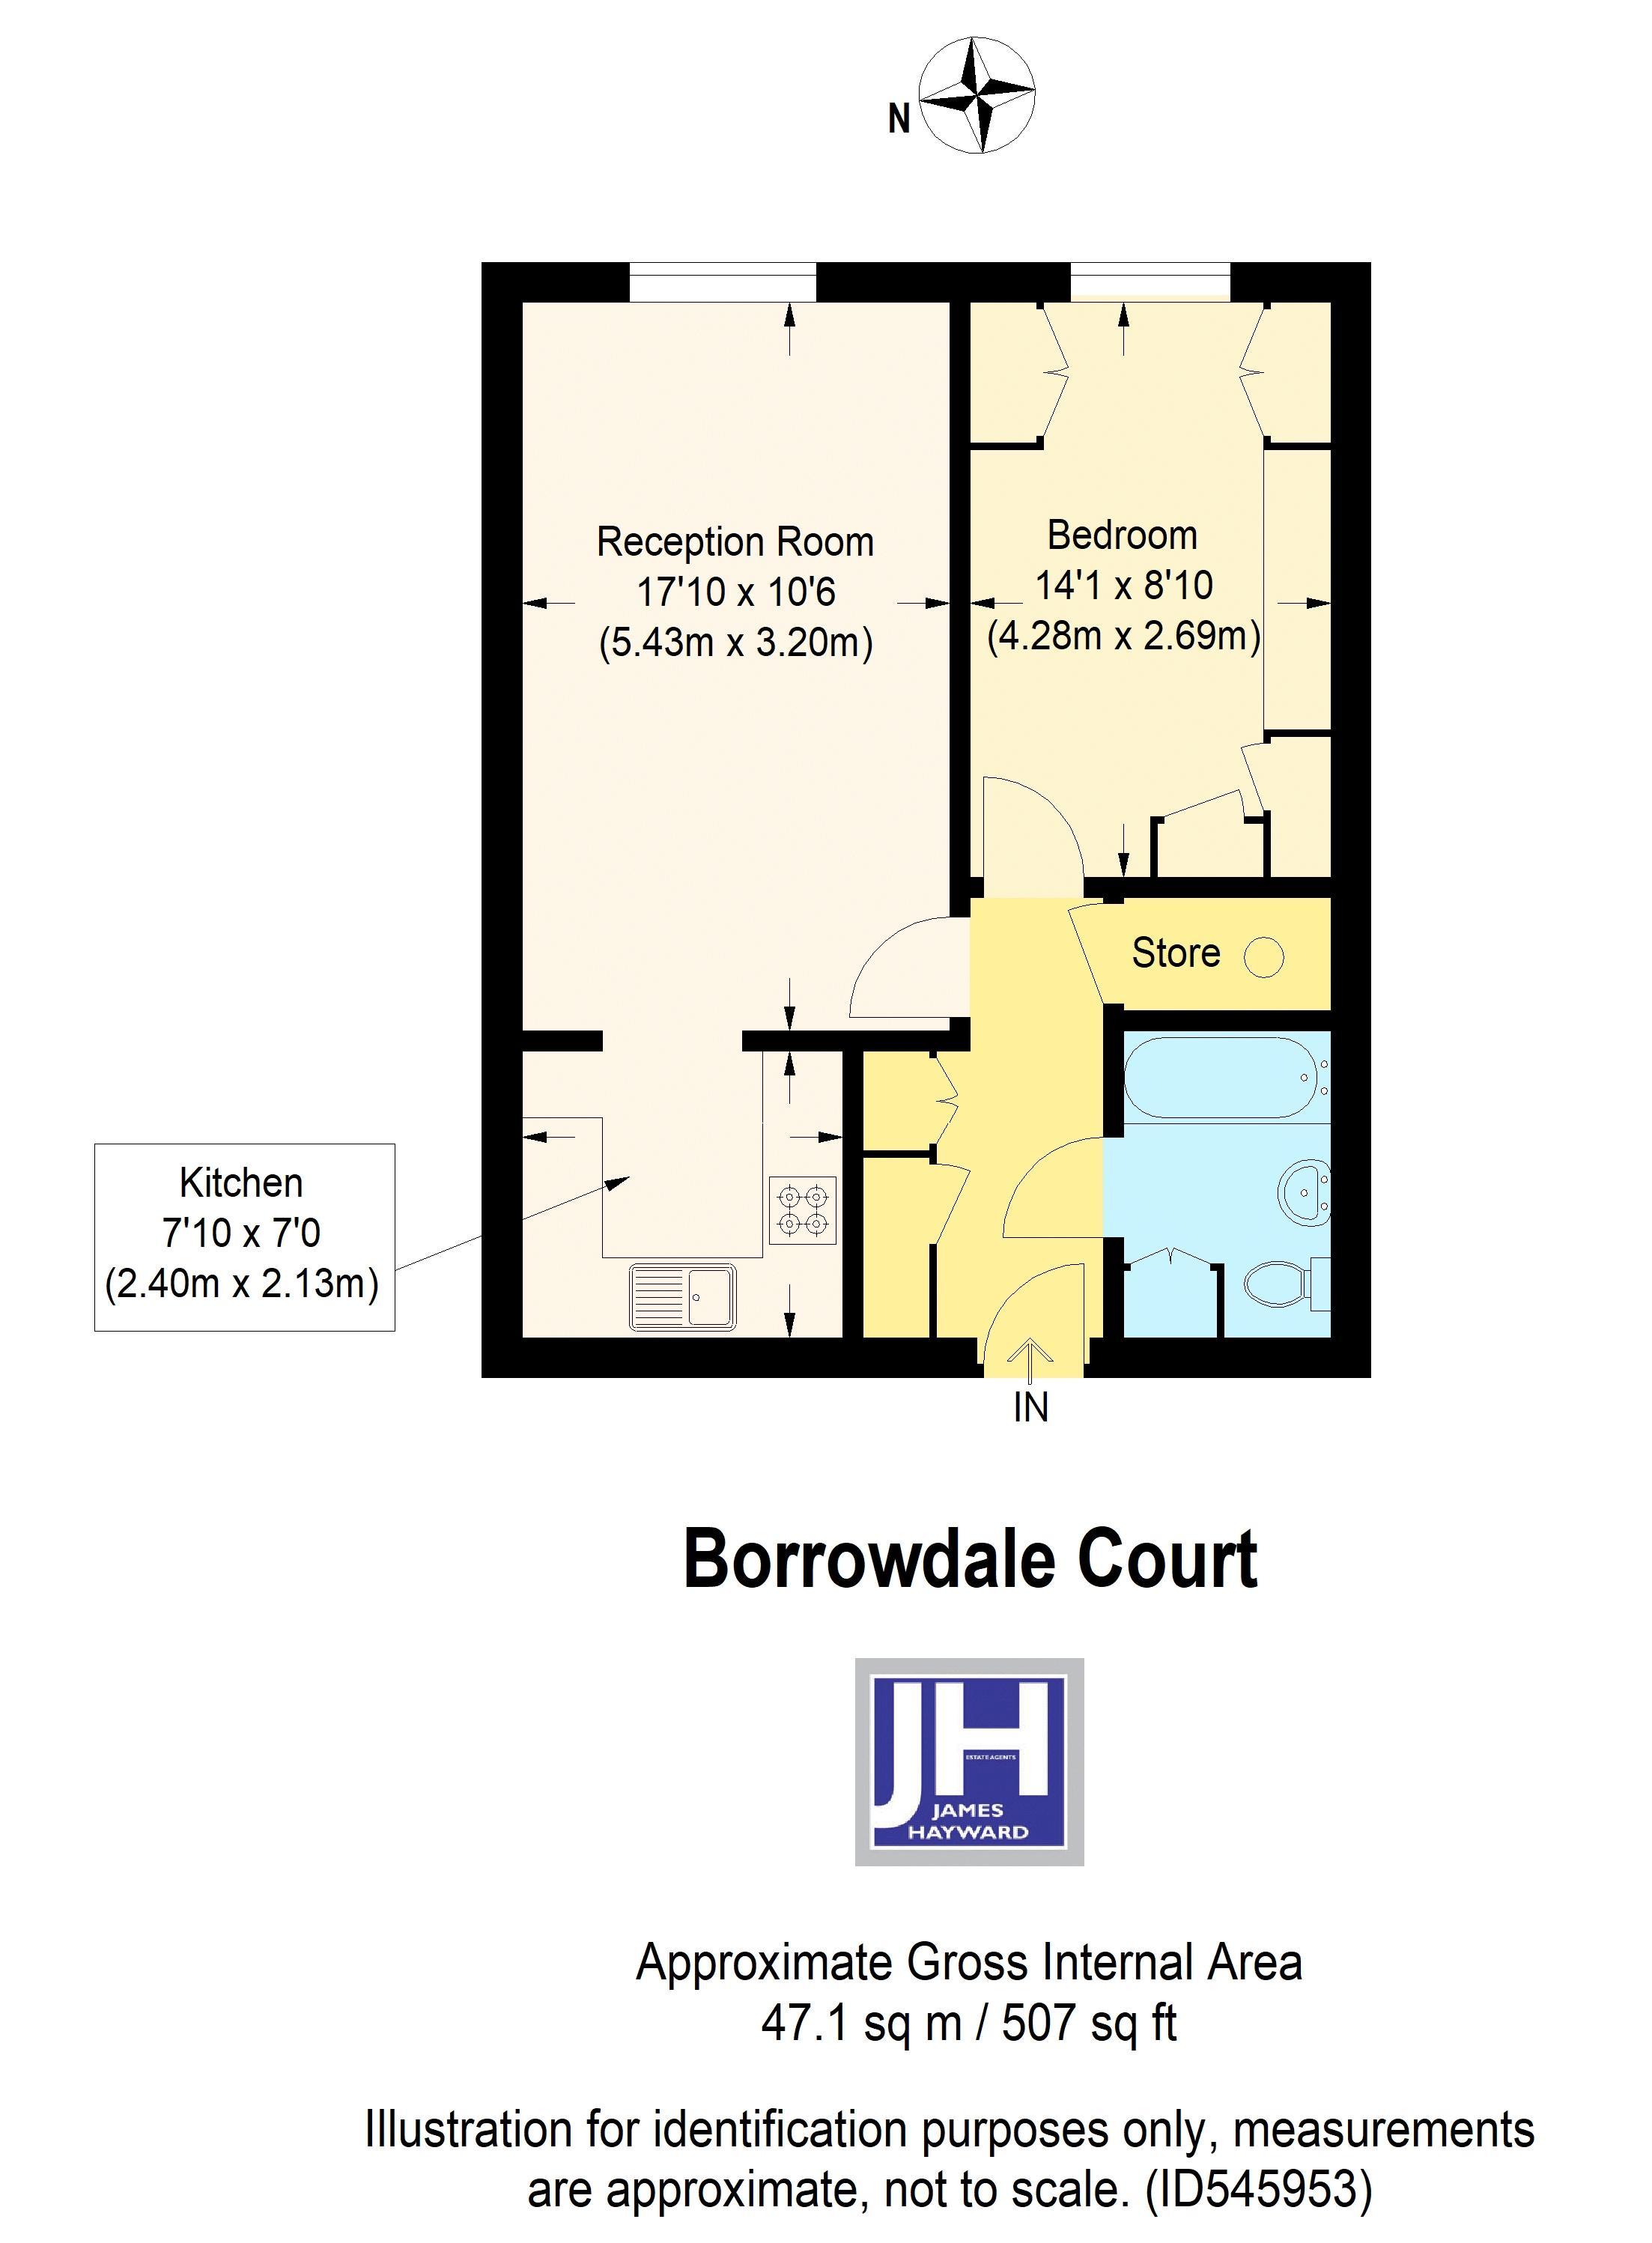 13 Borrowdale